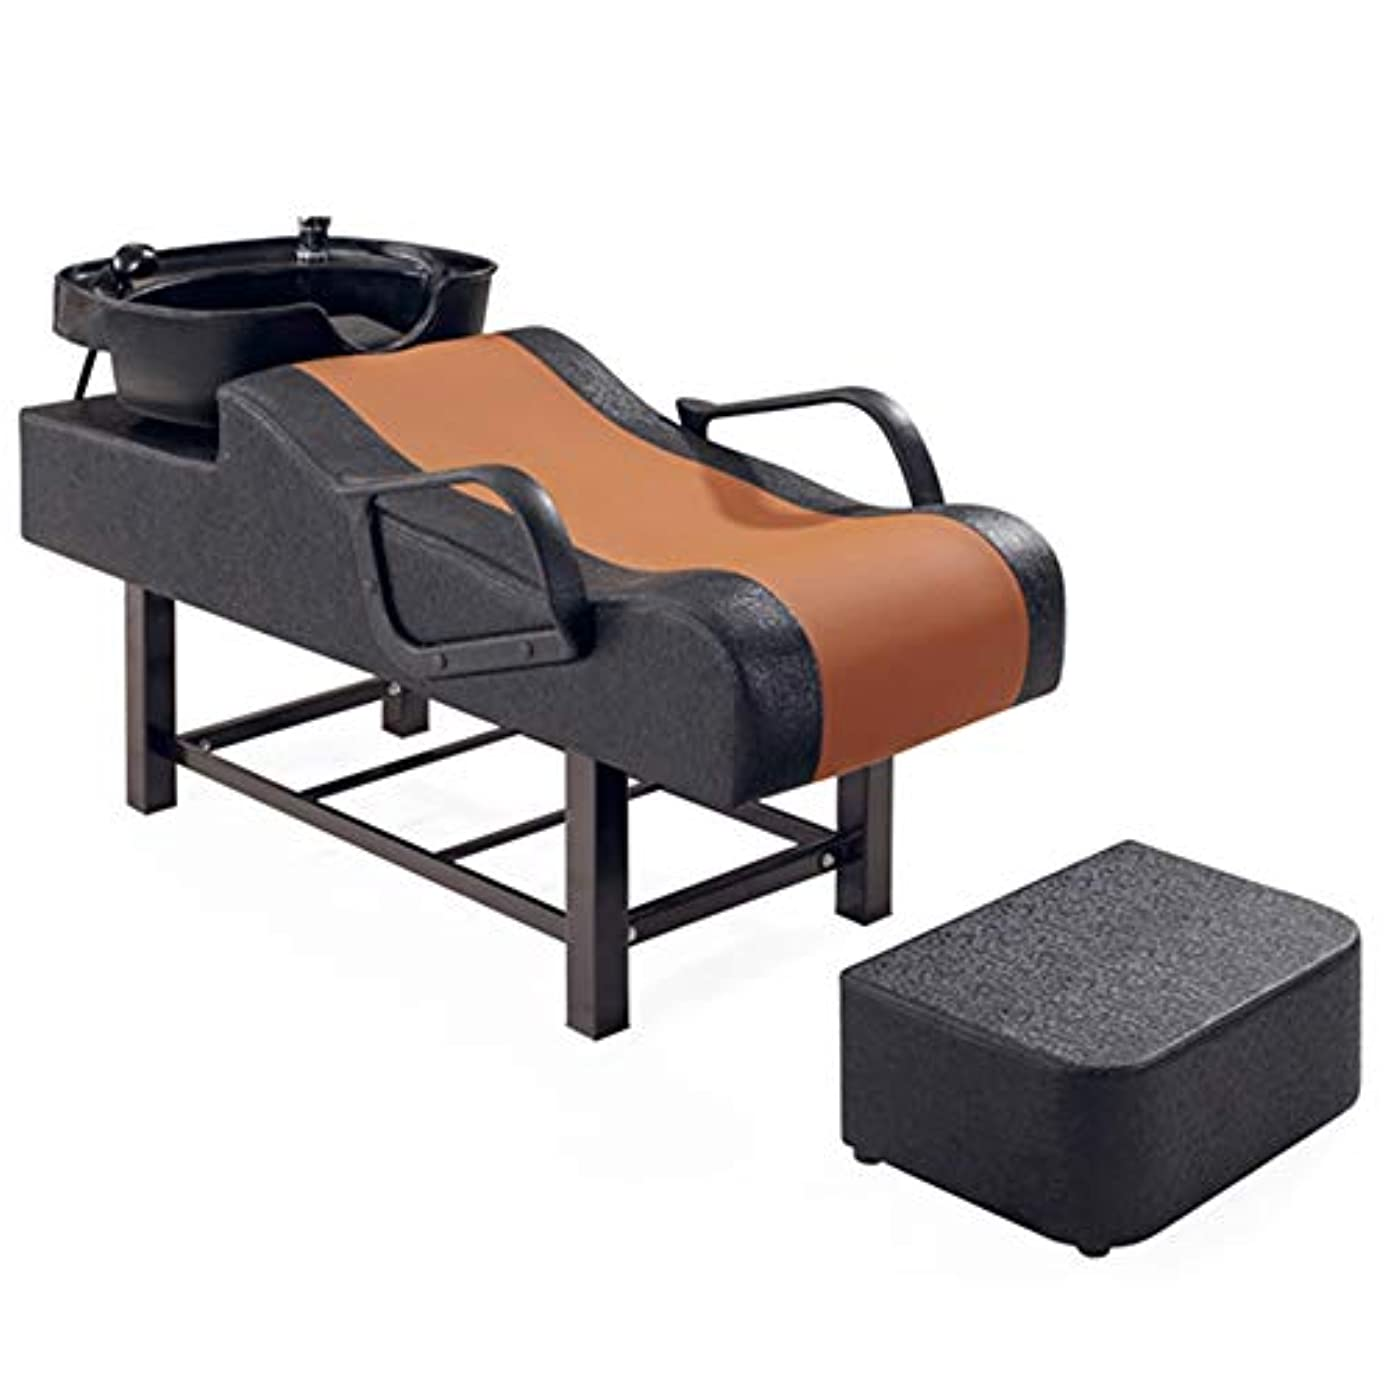 経験者服を洗う市の中心部シャンプーの理髪師の逆洗の椅子、鉱泉の美容院の穿孔器のベッドのためのシャンプーボールの流しの椅子